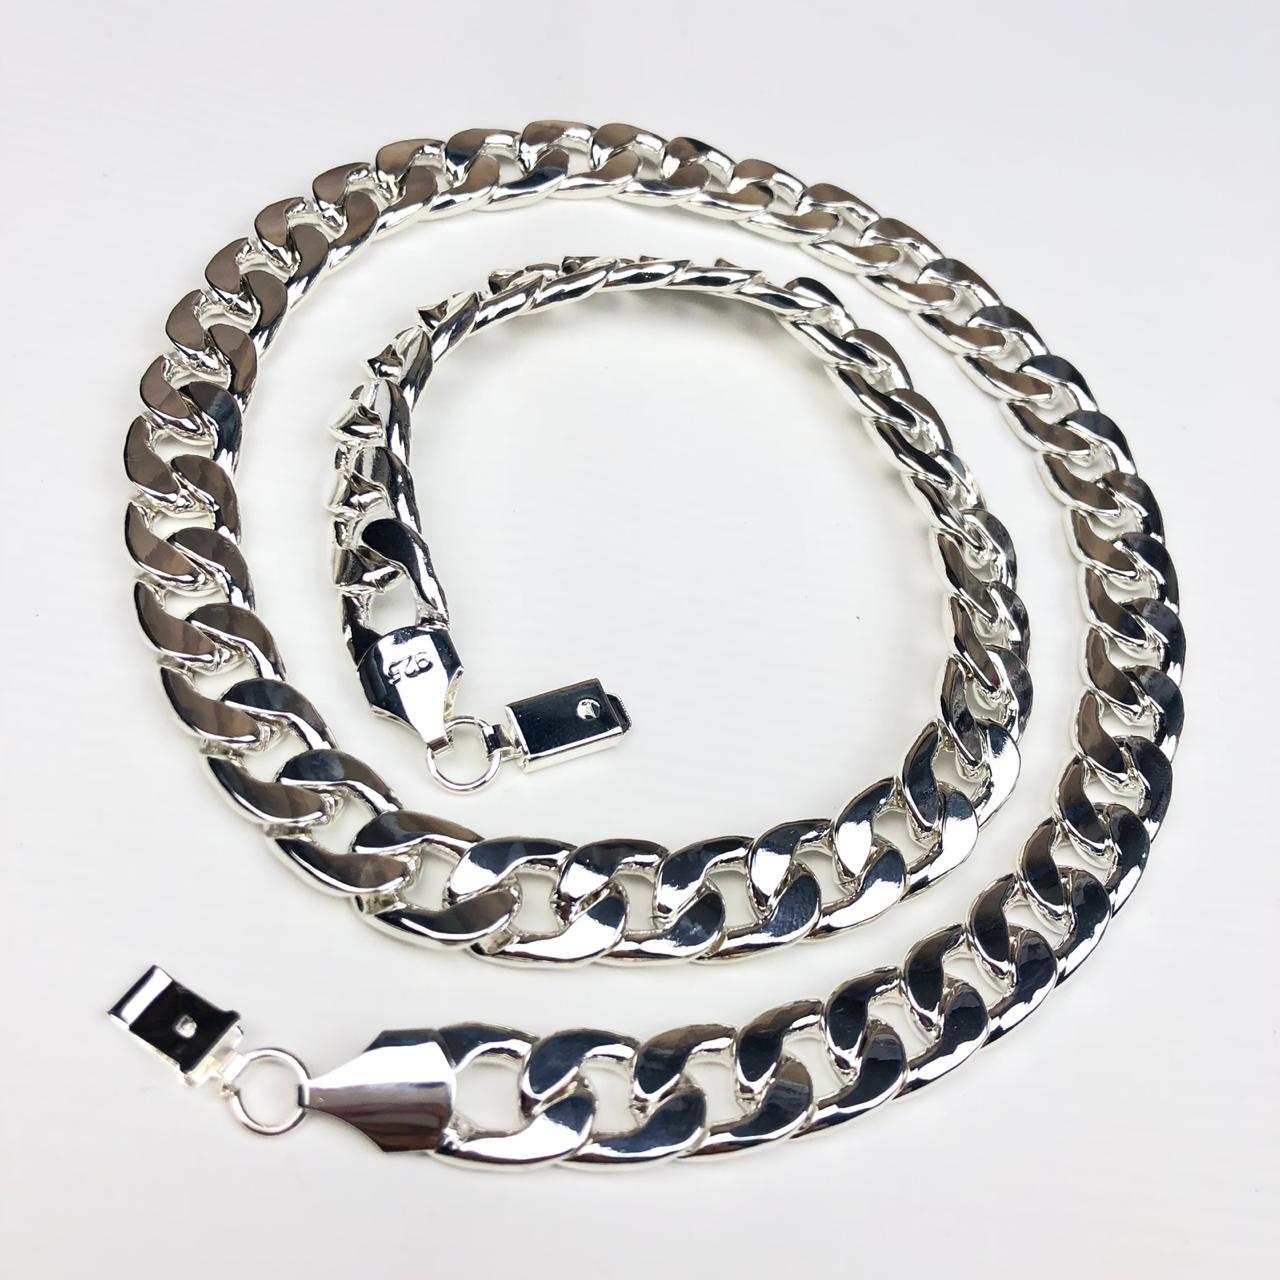 b305d05eb9408 Corrente Masculina Prata Bijoux - Diamante Rosa Shop Atacado de ...